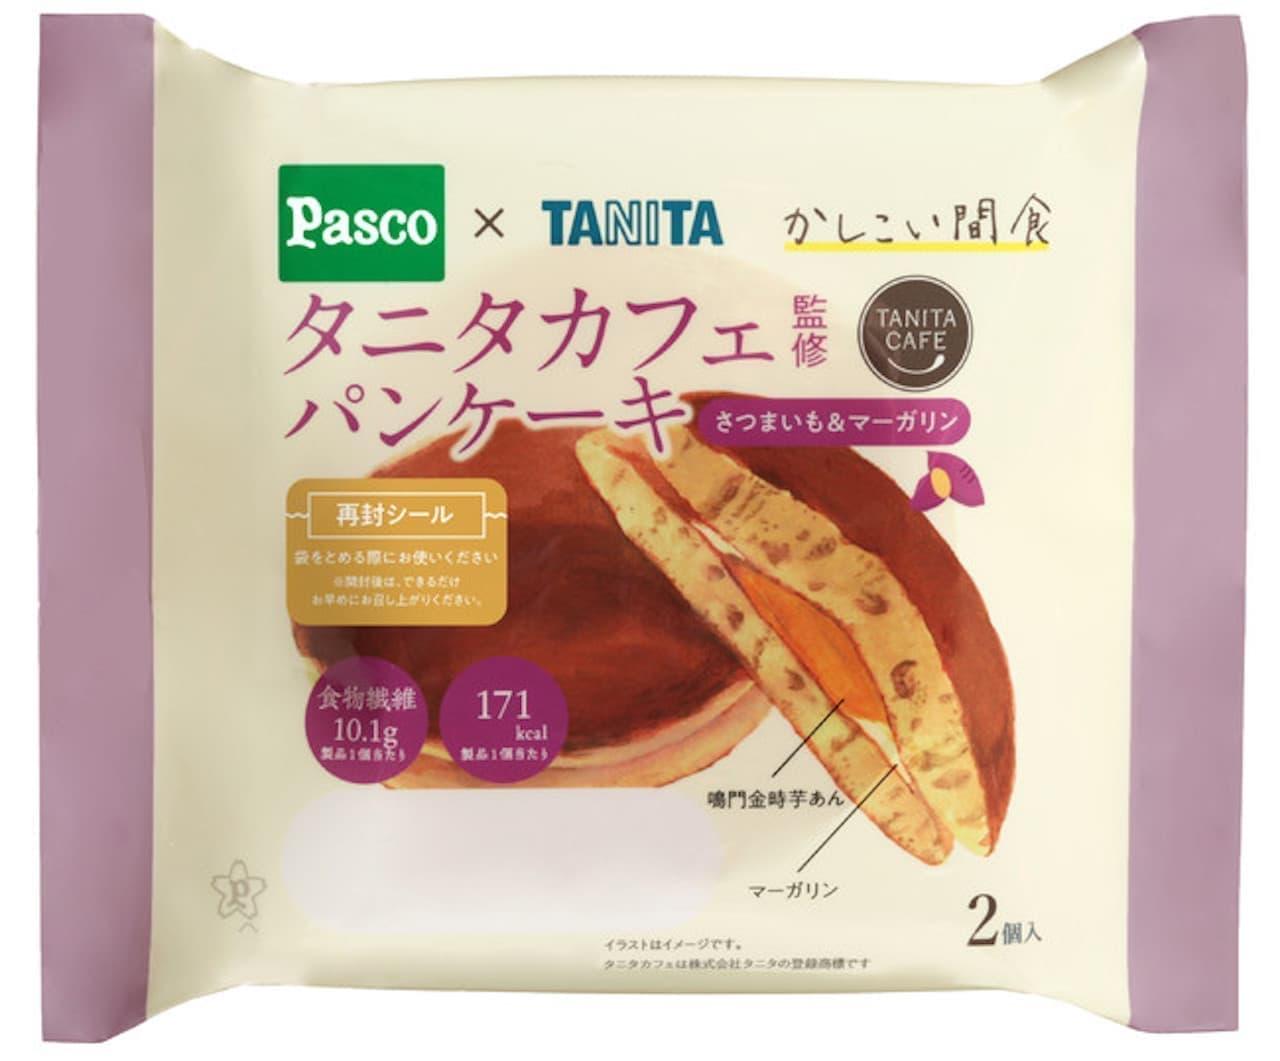 敷島製パン「タニタカフェ監修パンケーキ さつまいも&マーガリン2個入」